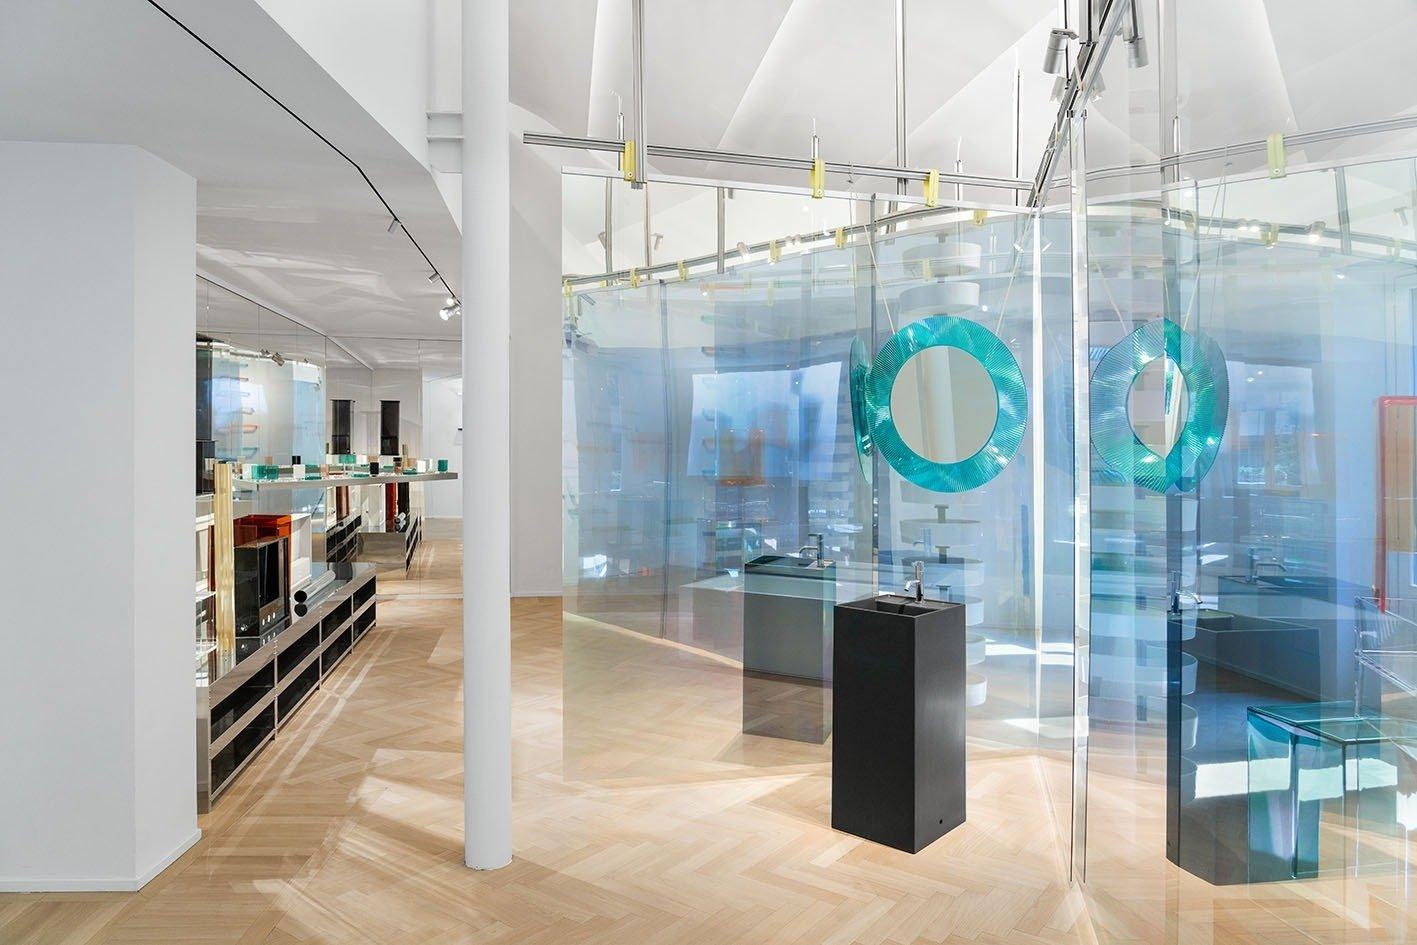 LAUFEN otworzył rewolucyjny showroom w Mediolanie podczas wydarzenia: Milan Design Week 2021